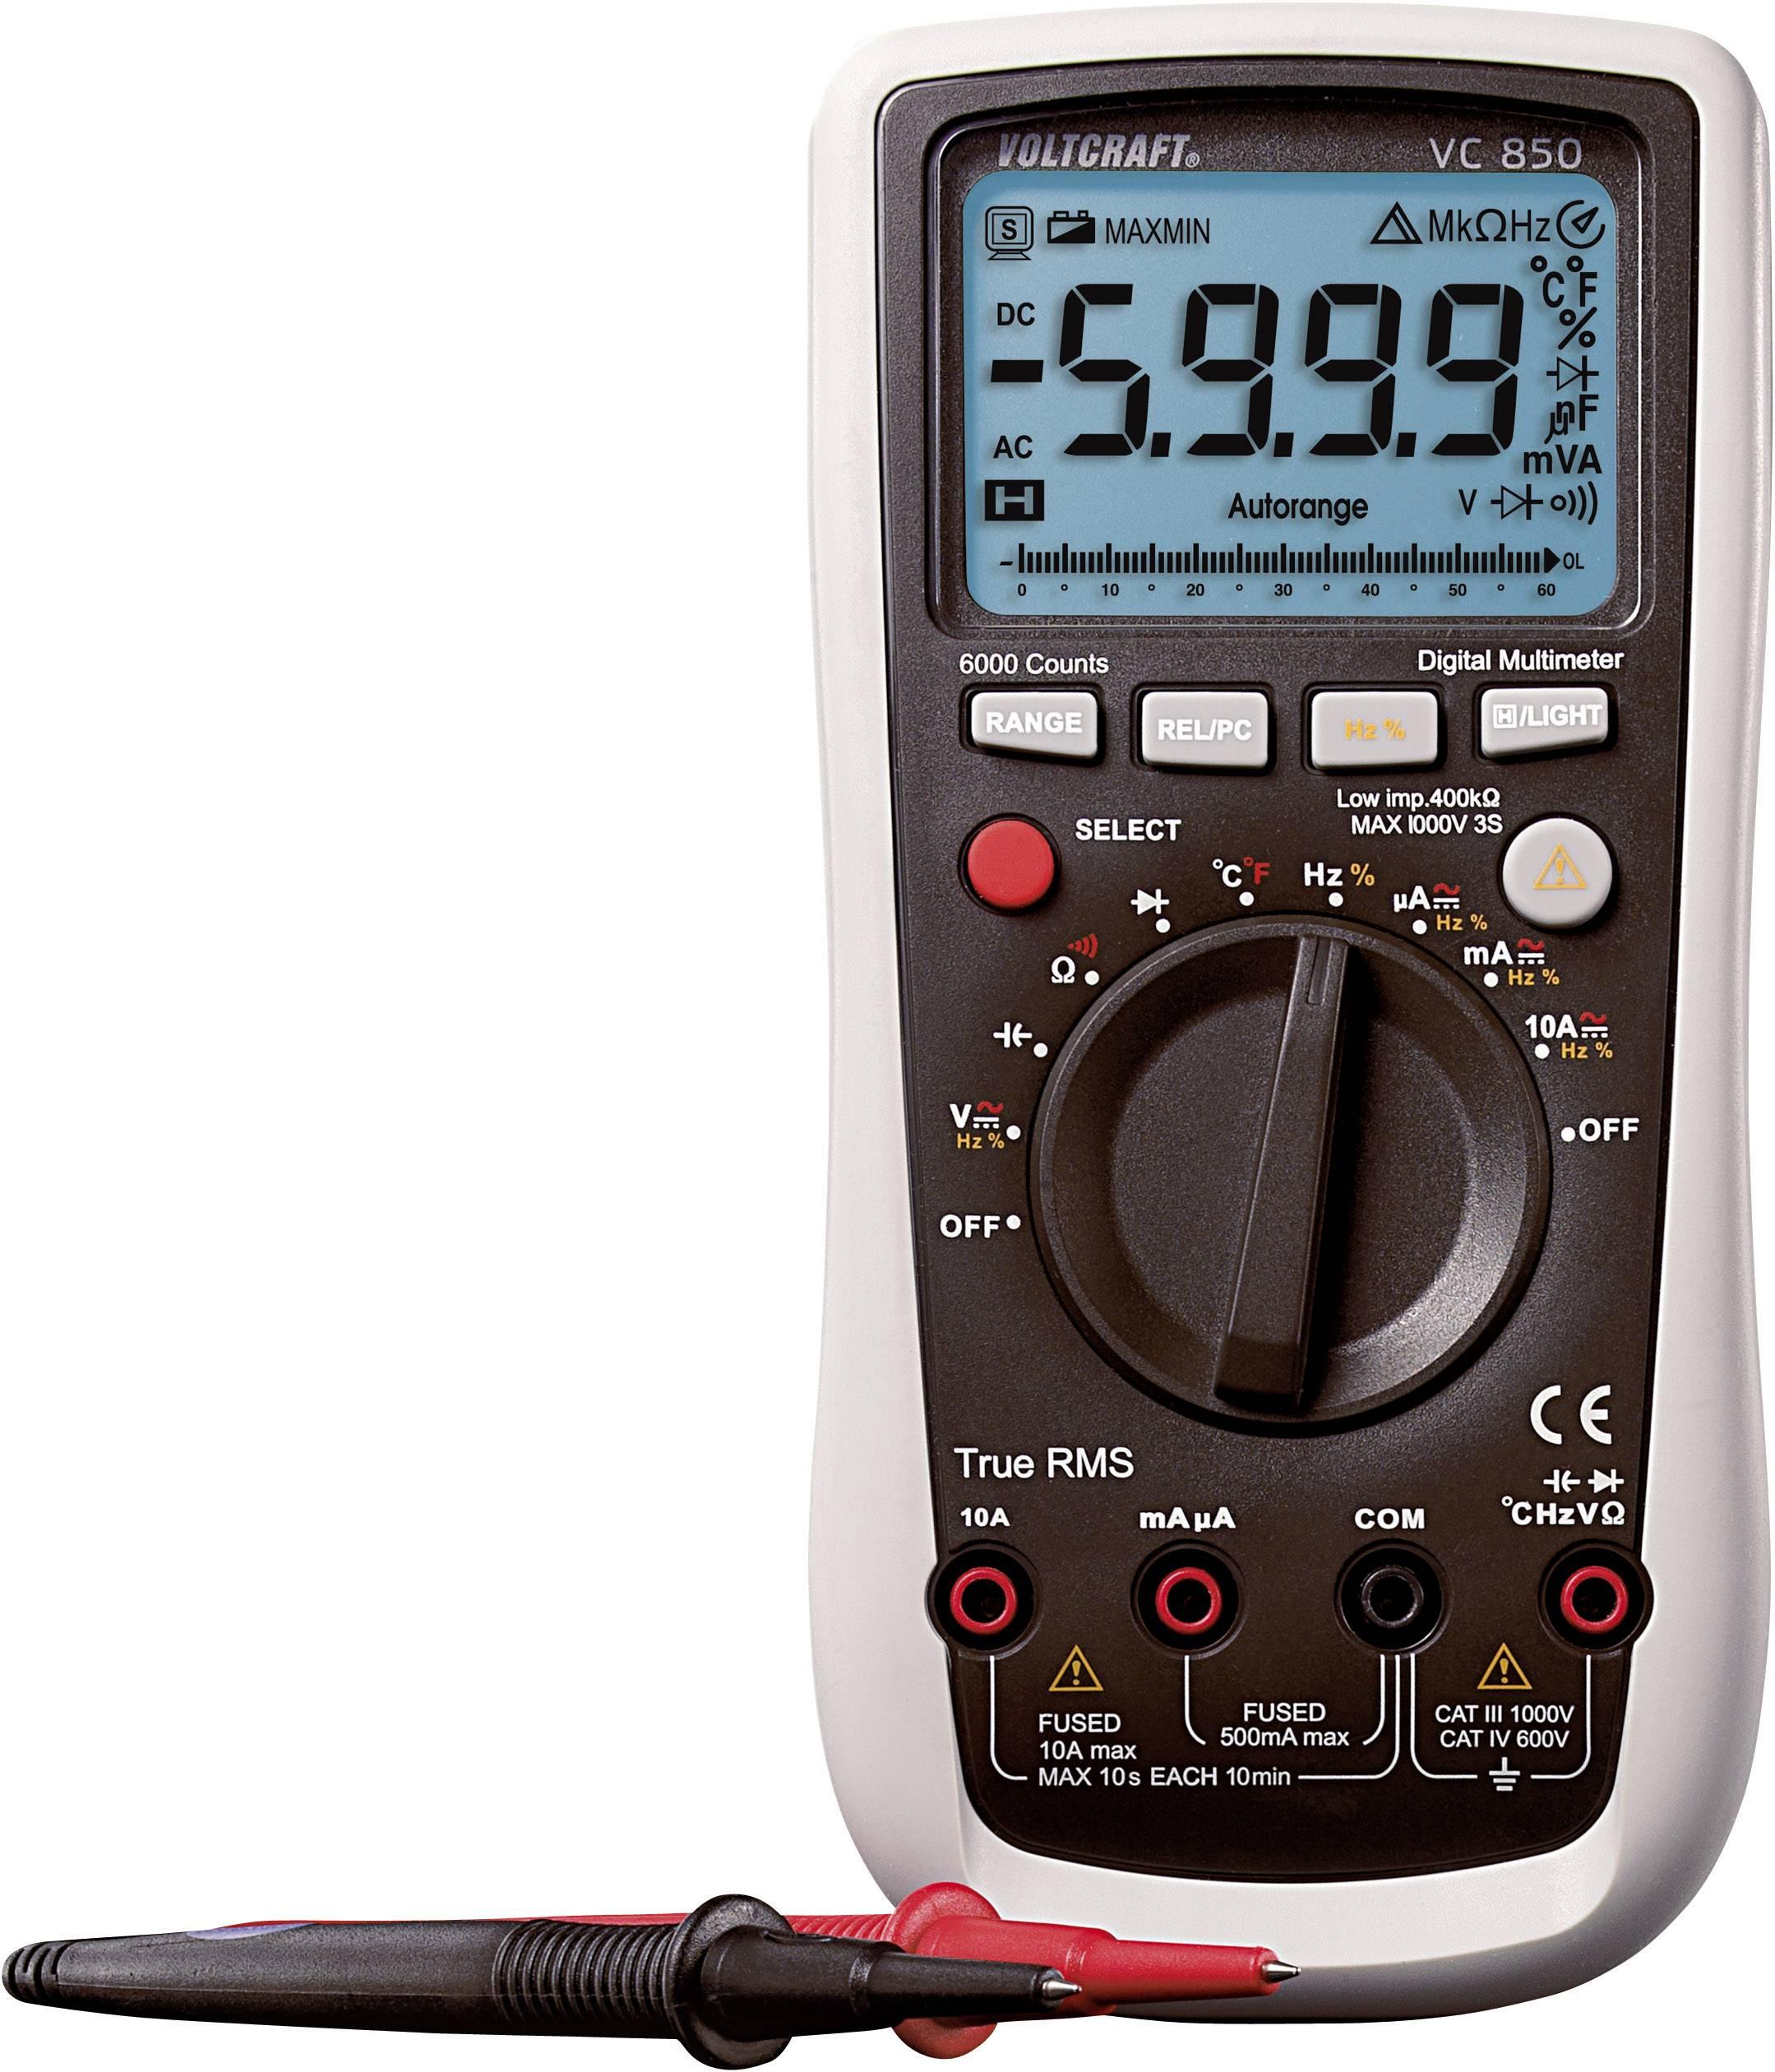 Digitálne/y ručný multimeter VOLTCRAFT VC850, kalibrácia podľa ISO